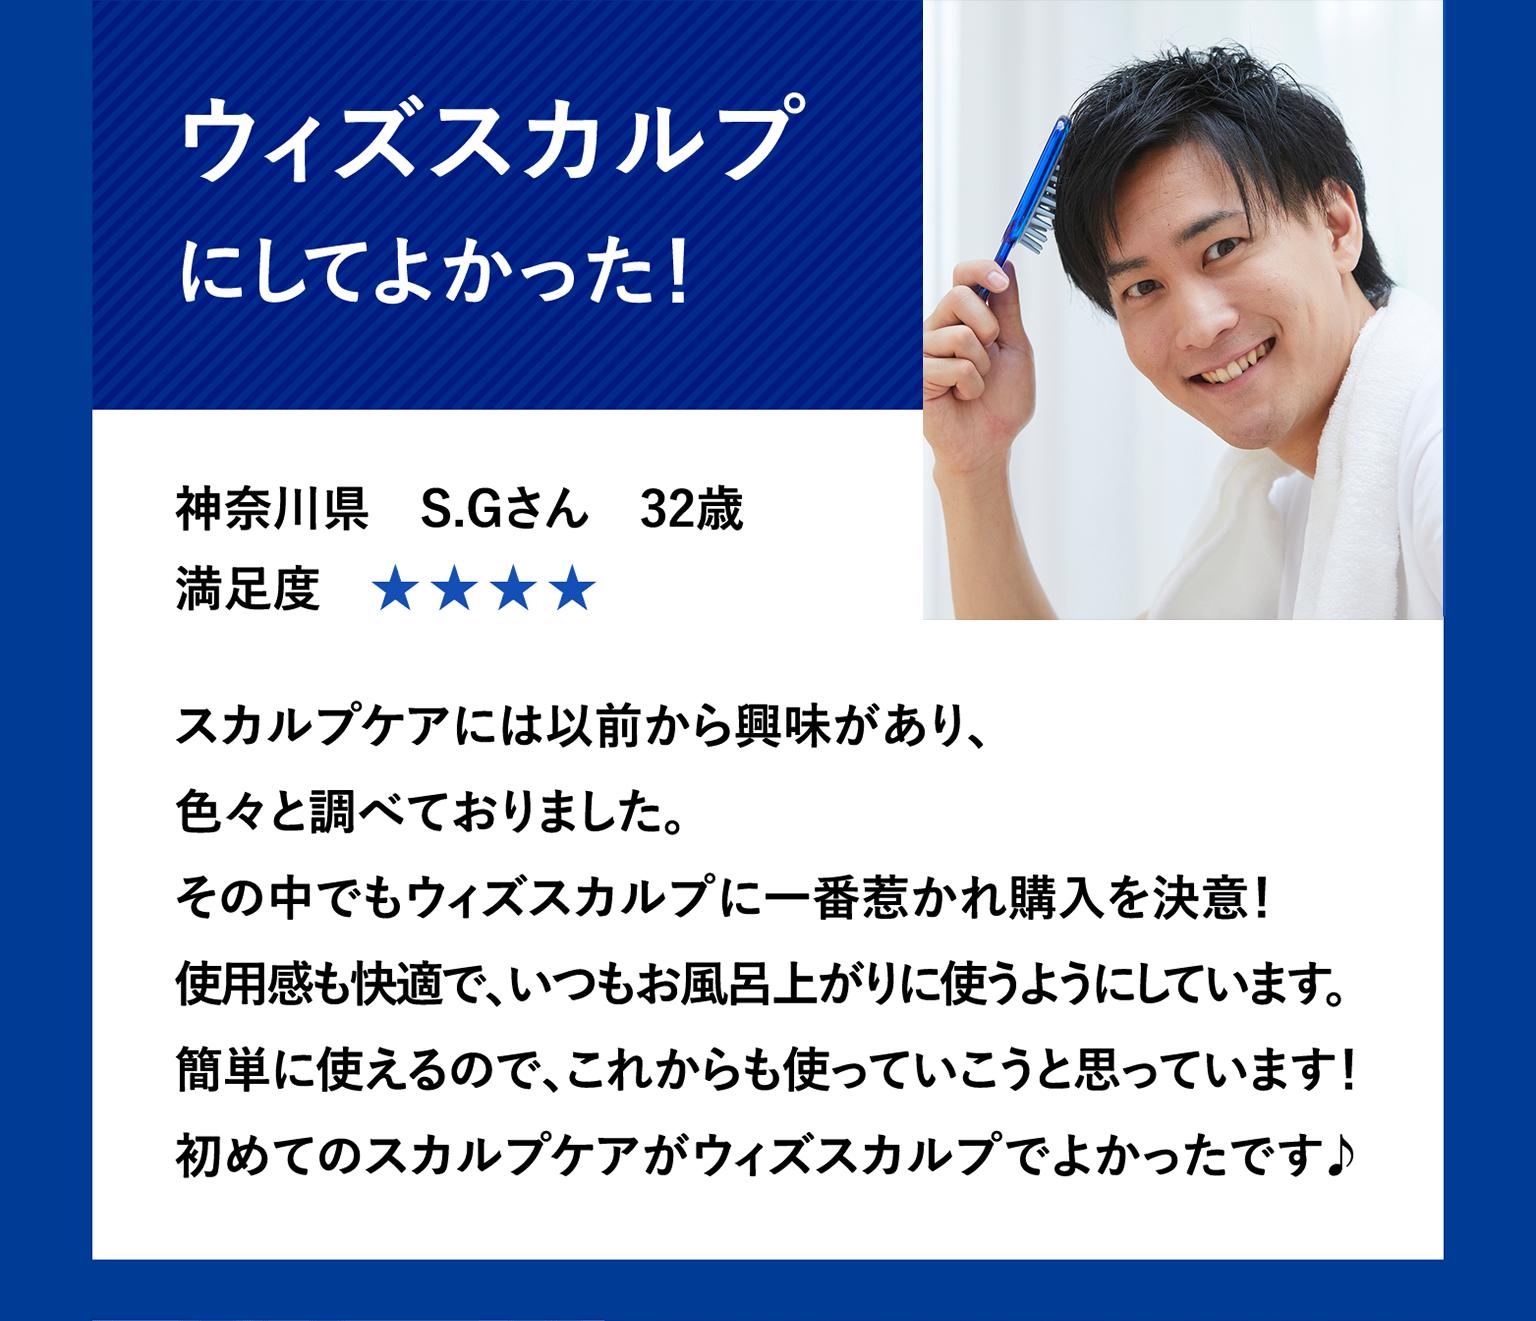 ウィズスカルプにしてよかった!神奈川県S.Gさん32歳 スカルプケアには以前から興味があり、色々と調べておりました。その中でもウィズスカルプに一番惹かれ購入を決意!使用感も快適で、いつもお風呂上がりに使うようにしています。かんたんに使えるので、これからも使っていこうと思っています!初めてのスカルプケアがウィズスカルプでよかったです♪